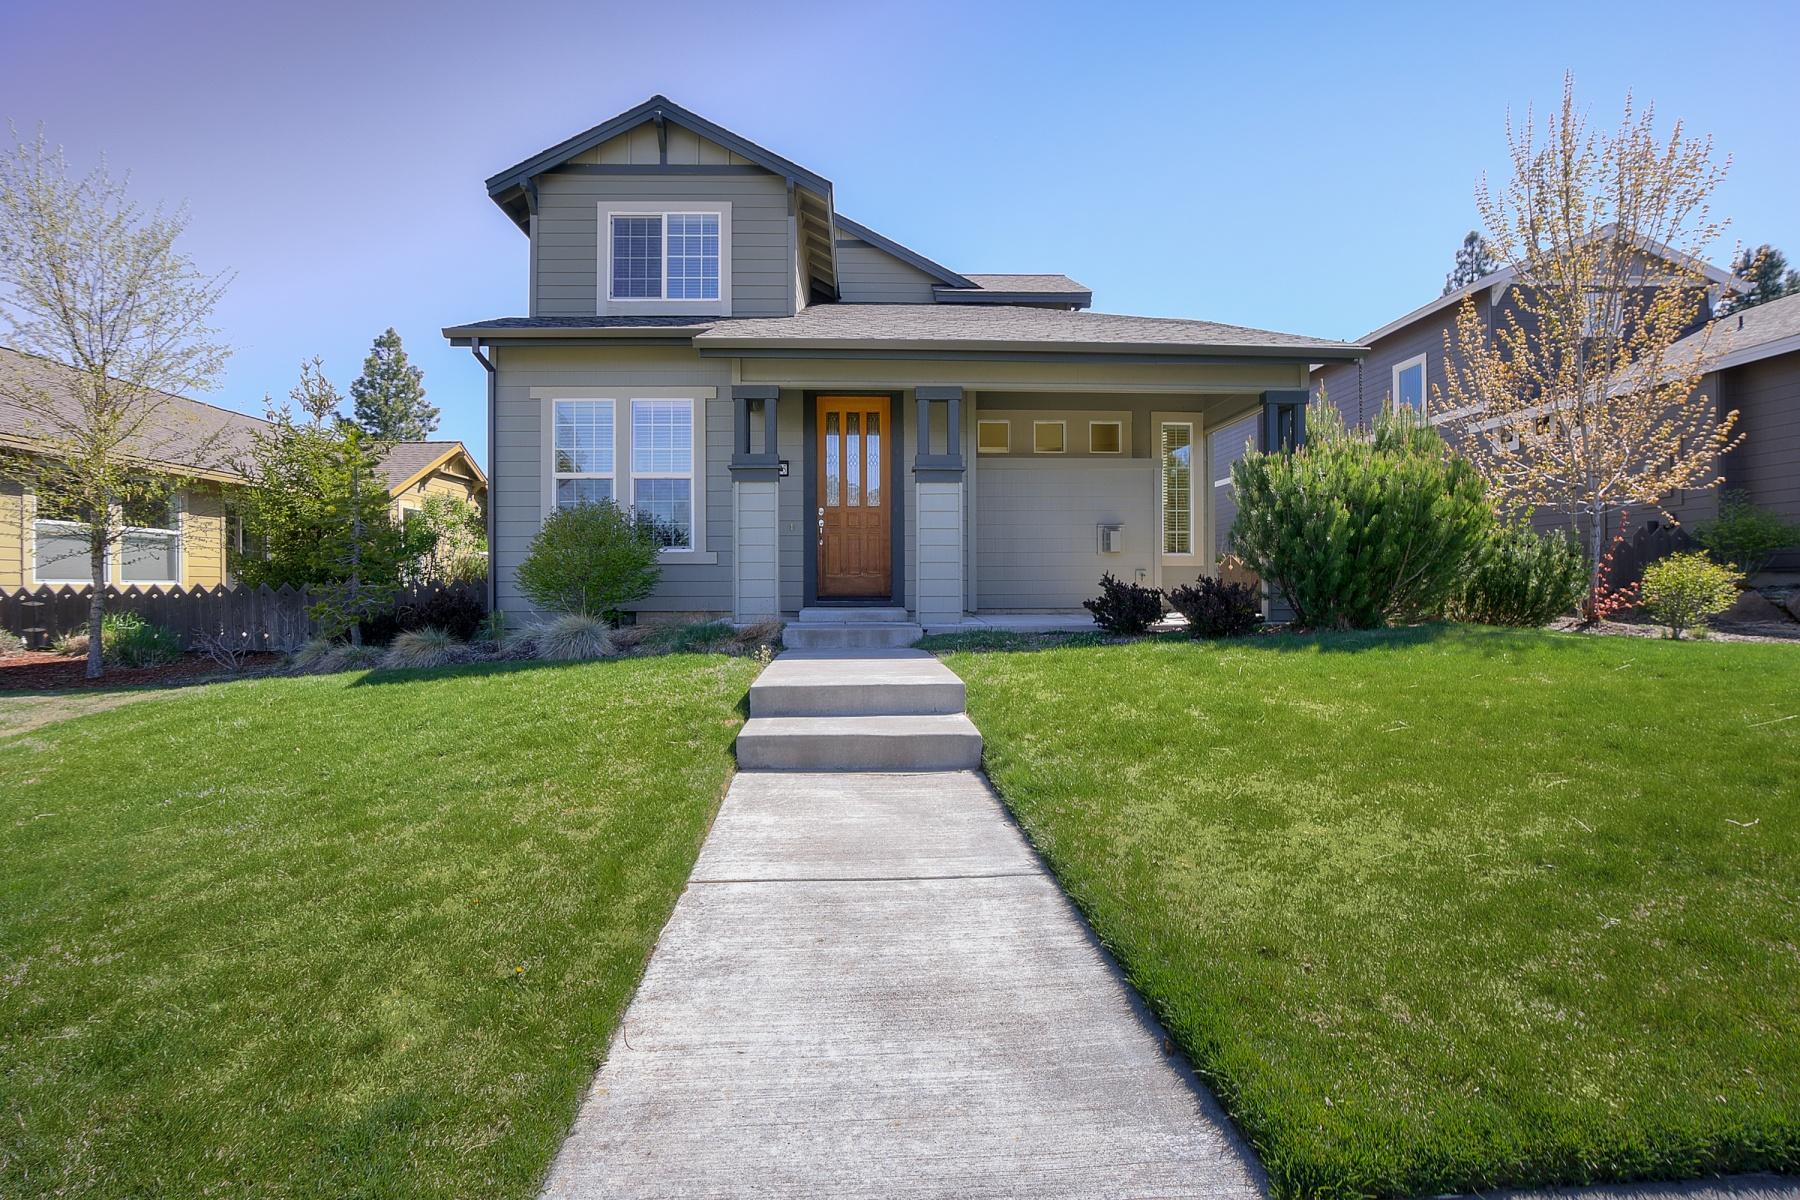 独户住宅 为 销售 在 Neighborhood Conscious? 61425 Davis Lake Loop 本德, 俄勒冈州, 97702 美国